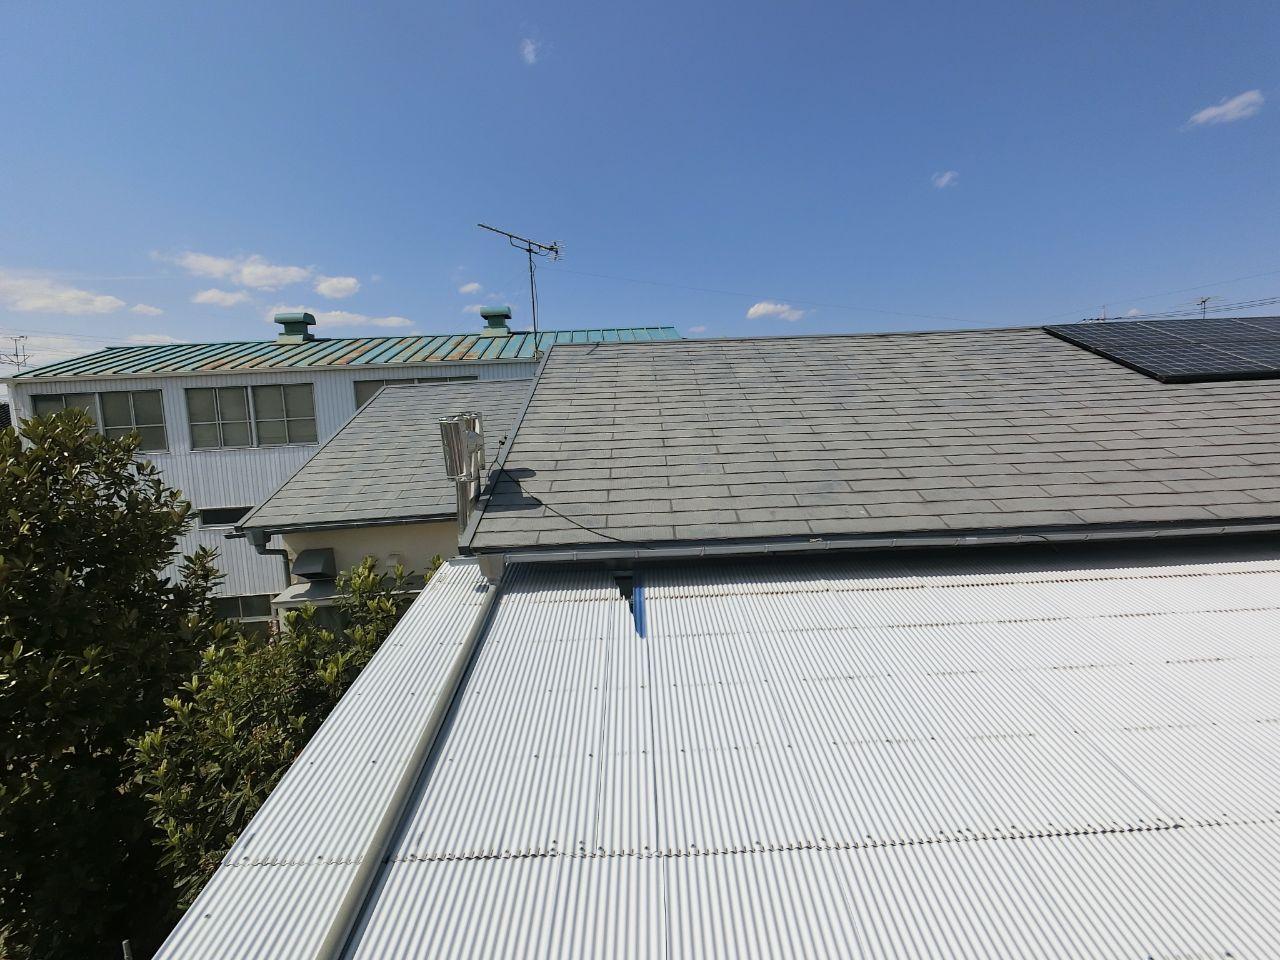 埼玉県吉川市で雨樋や波板の損害調査